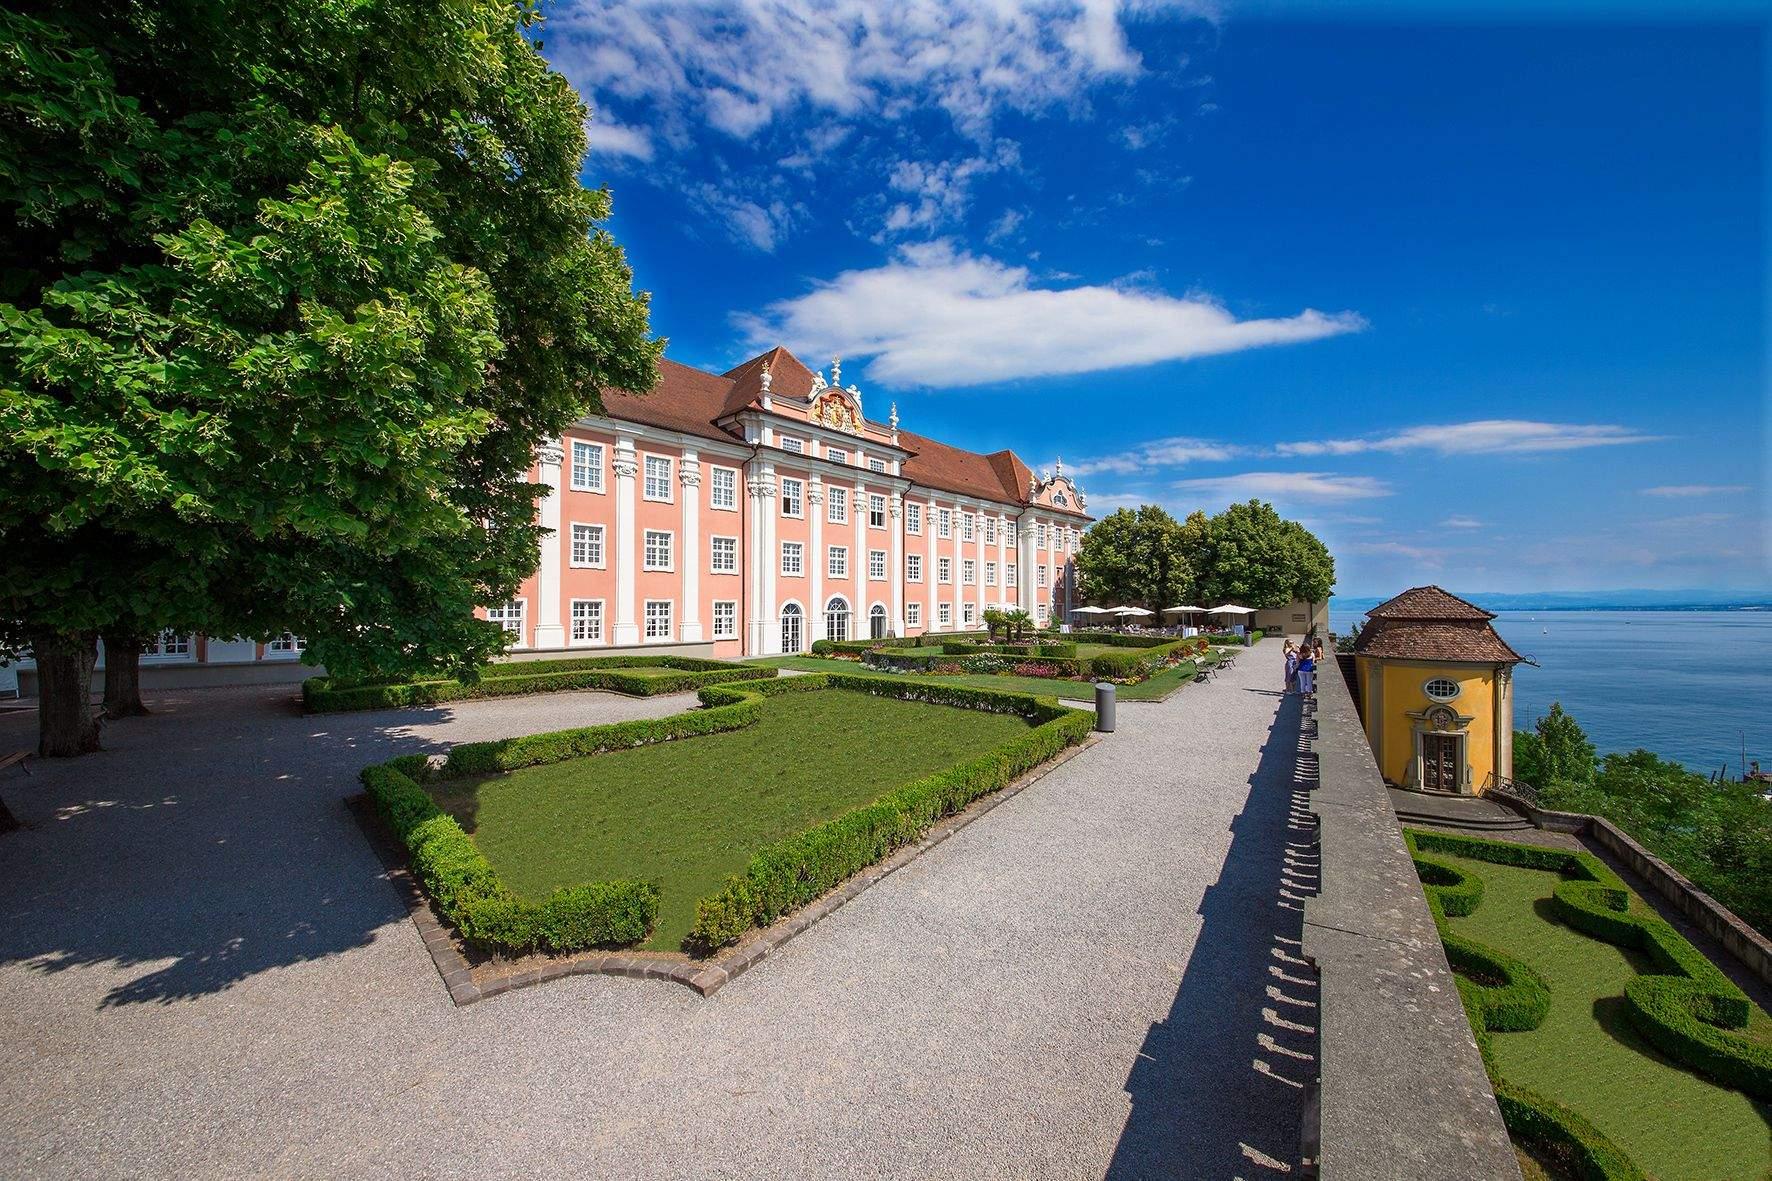 Meersburg New Palace; photo: Staatliche Schlösser und Gärten Baden-Württemberg, Helmuth Scham